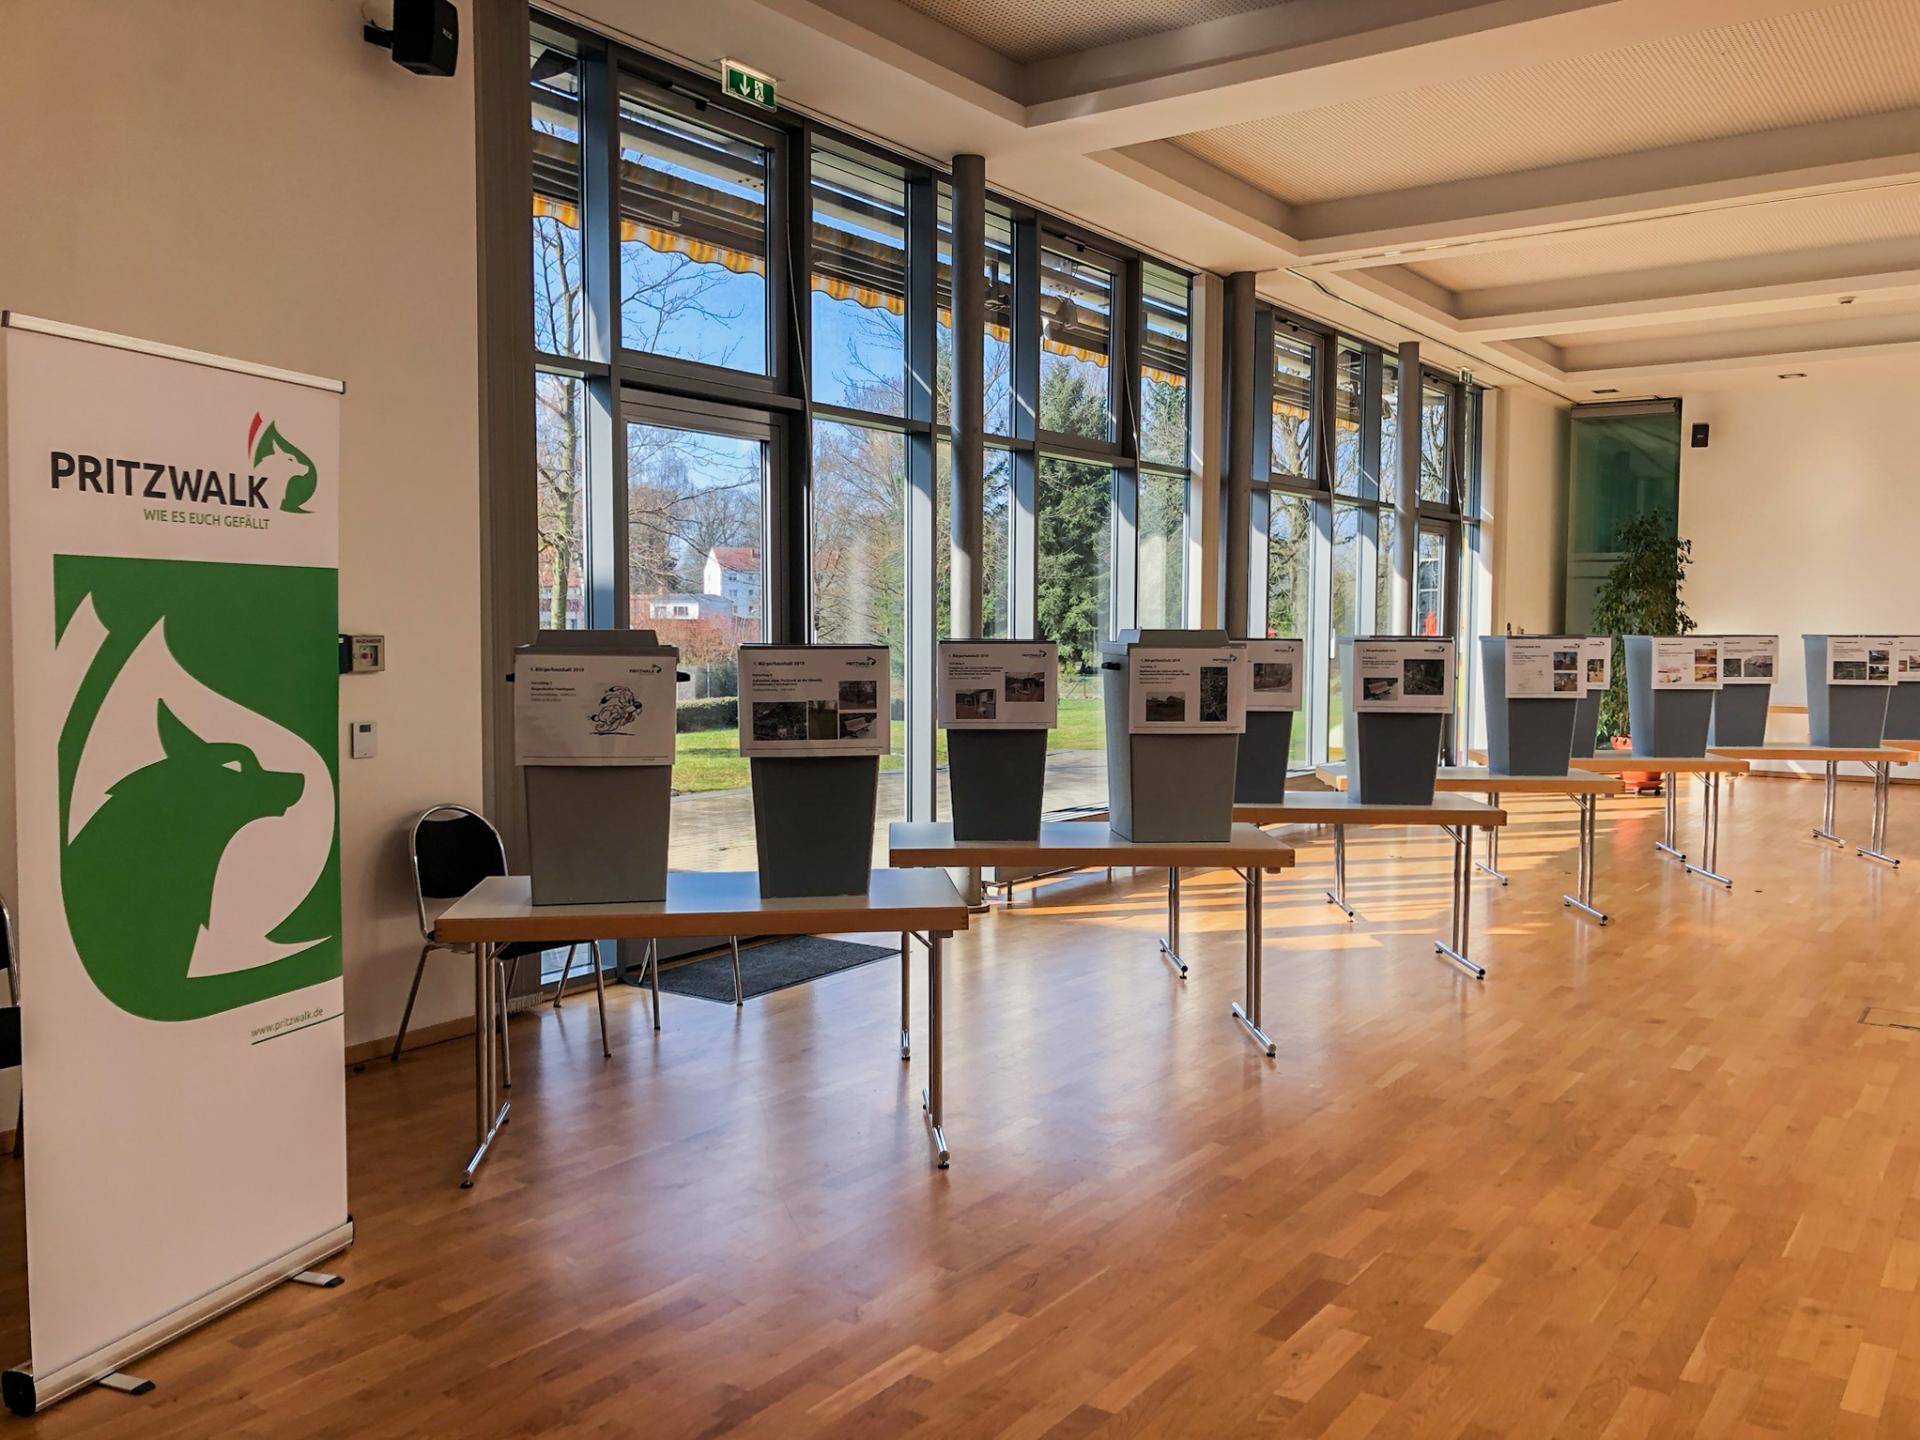 Im Anbau des Kulturhauses werden wieder die Wahlurnen aufestellt - so wie bei der Abstimmung für den ersten Bürgerhaushalt im Frühjahr 2019. Foto: Andreas König